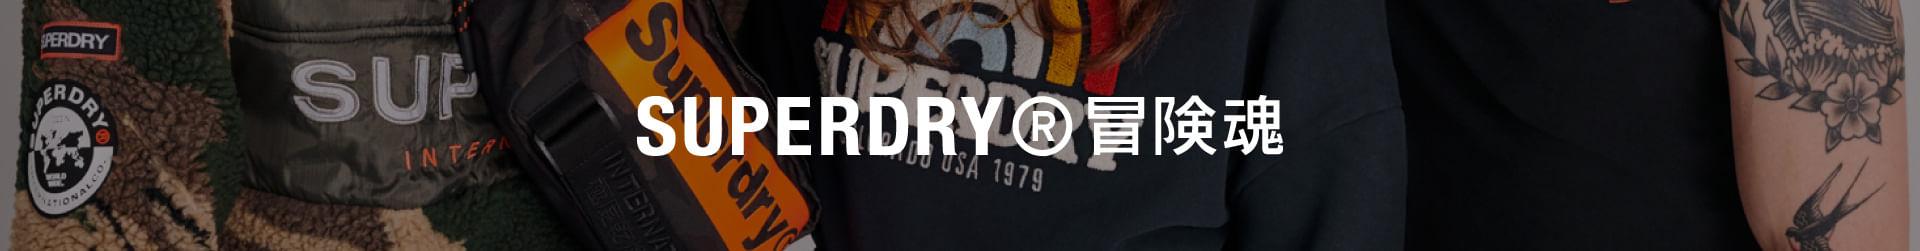 Encuentra todos los productos de la marca Superdry